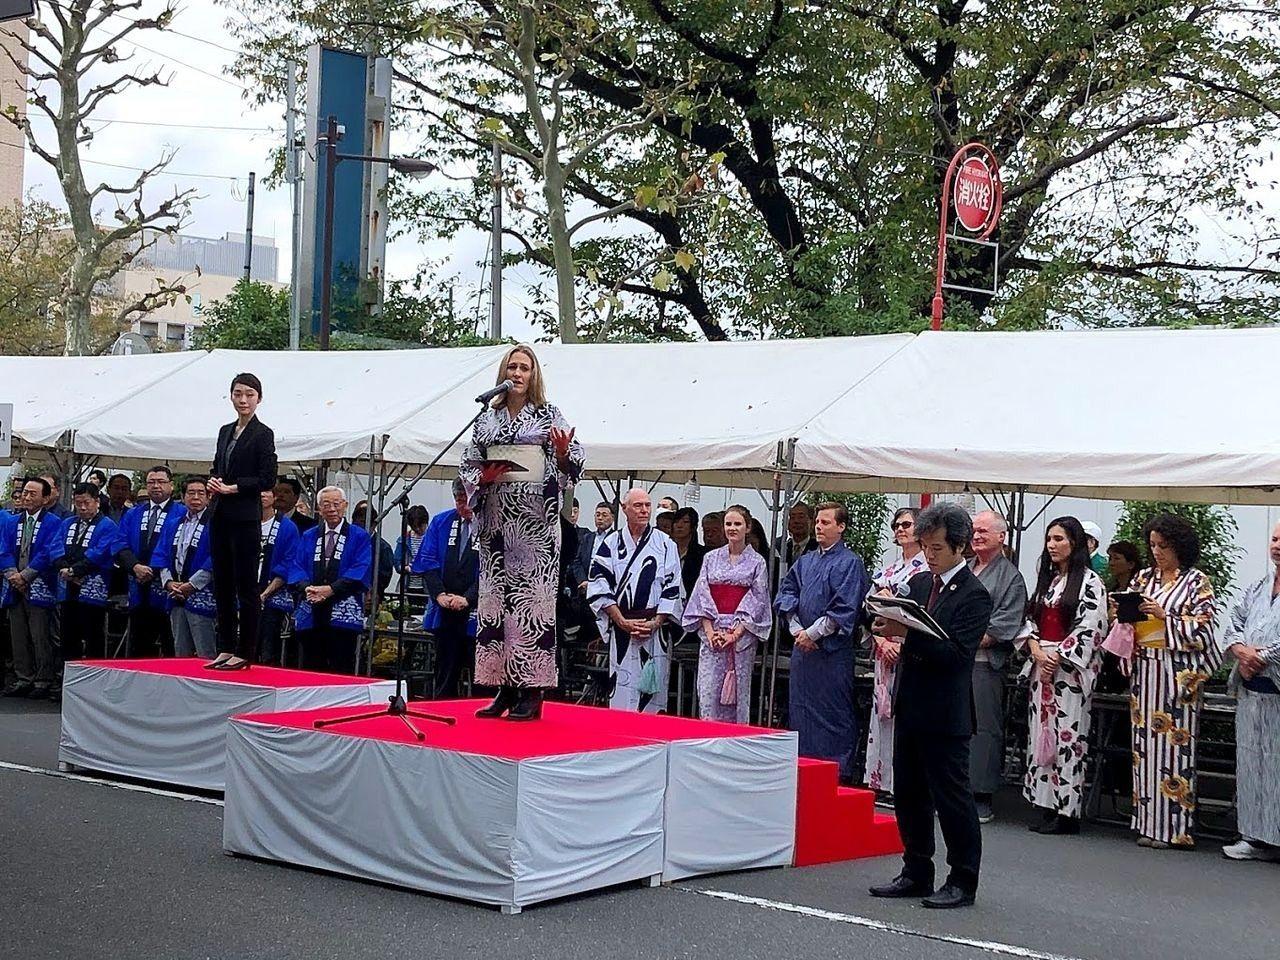 カナダ・バーリントン市のマリアンヌ・ミード・ワード市長の挨拶